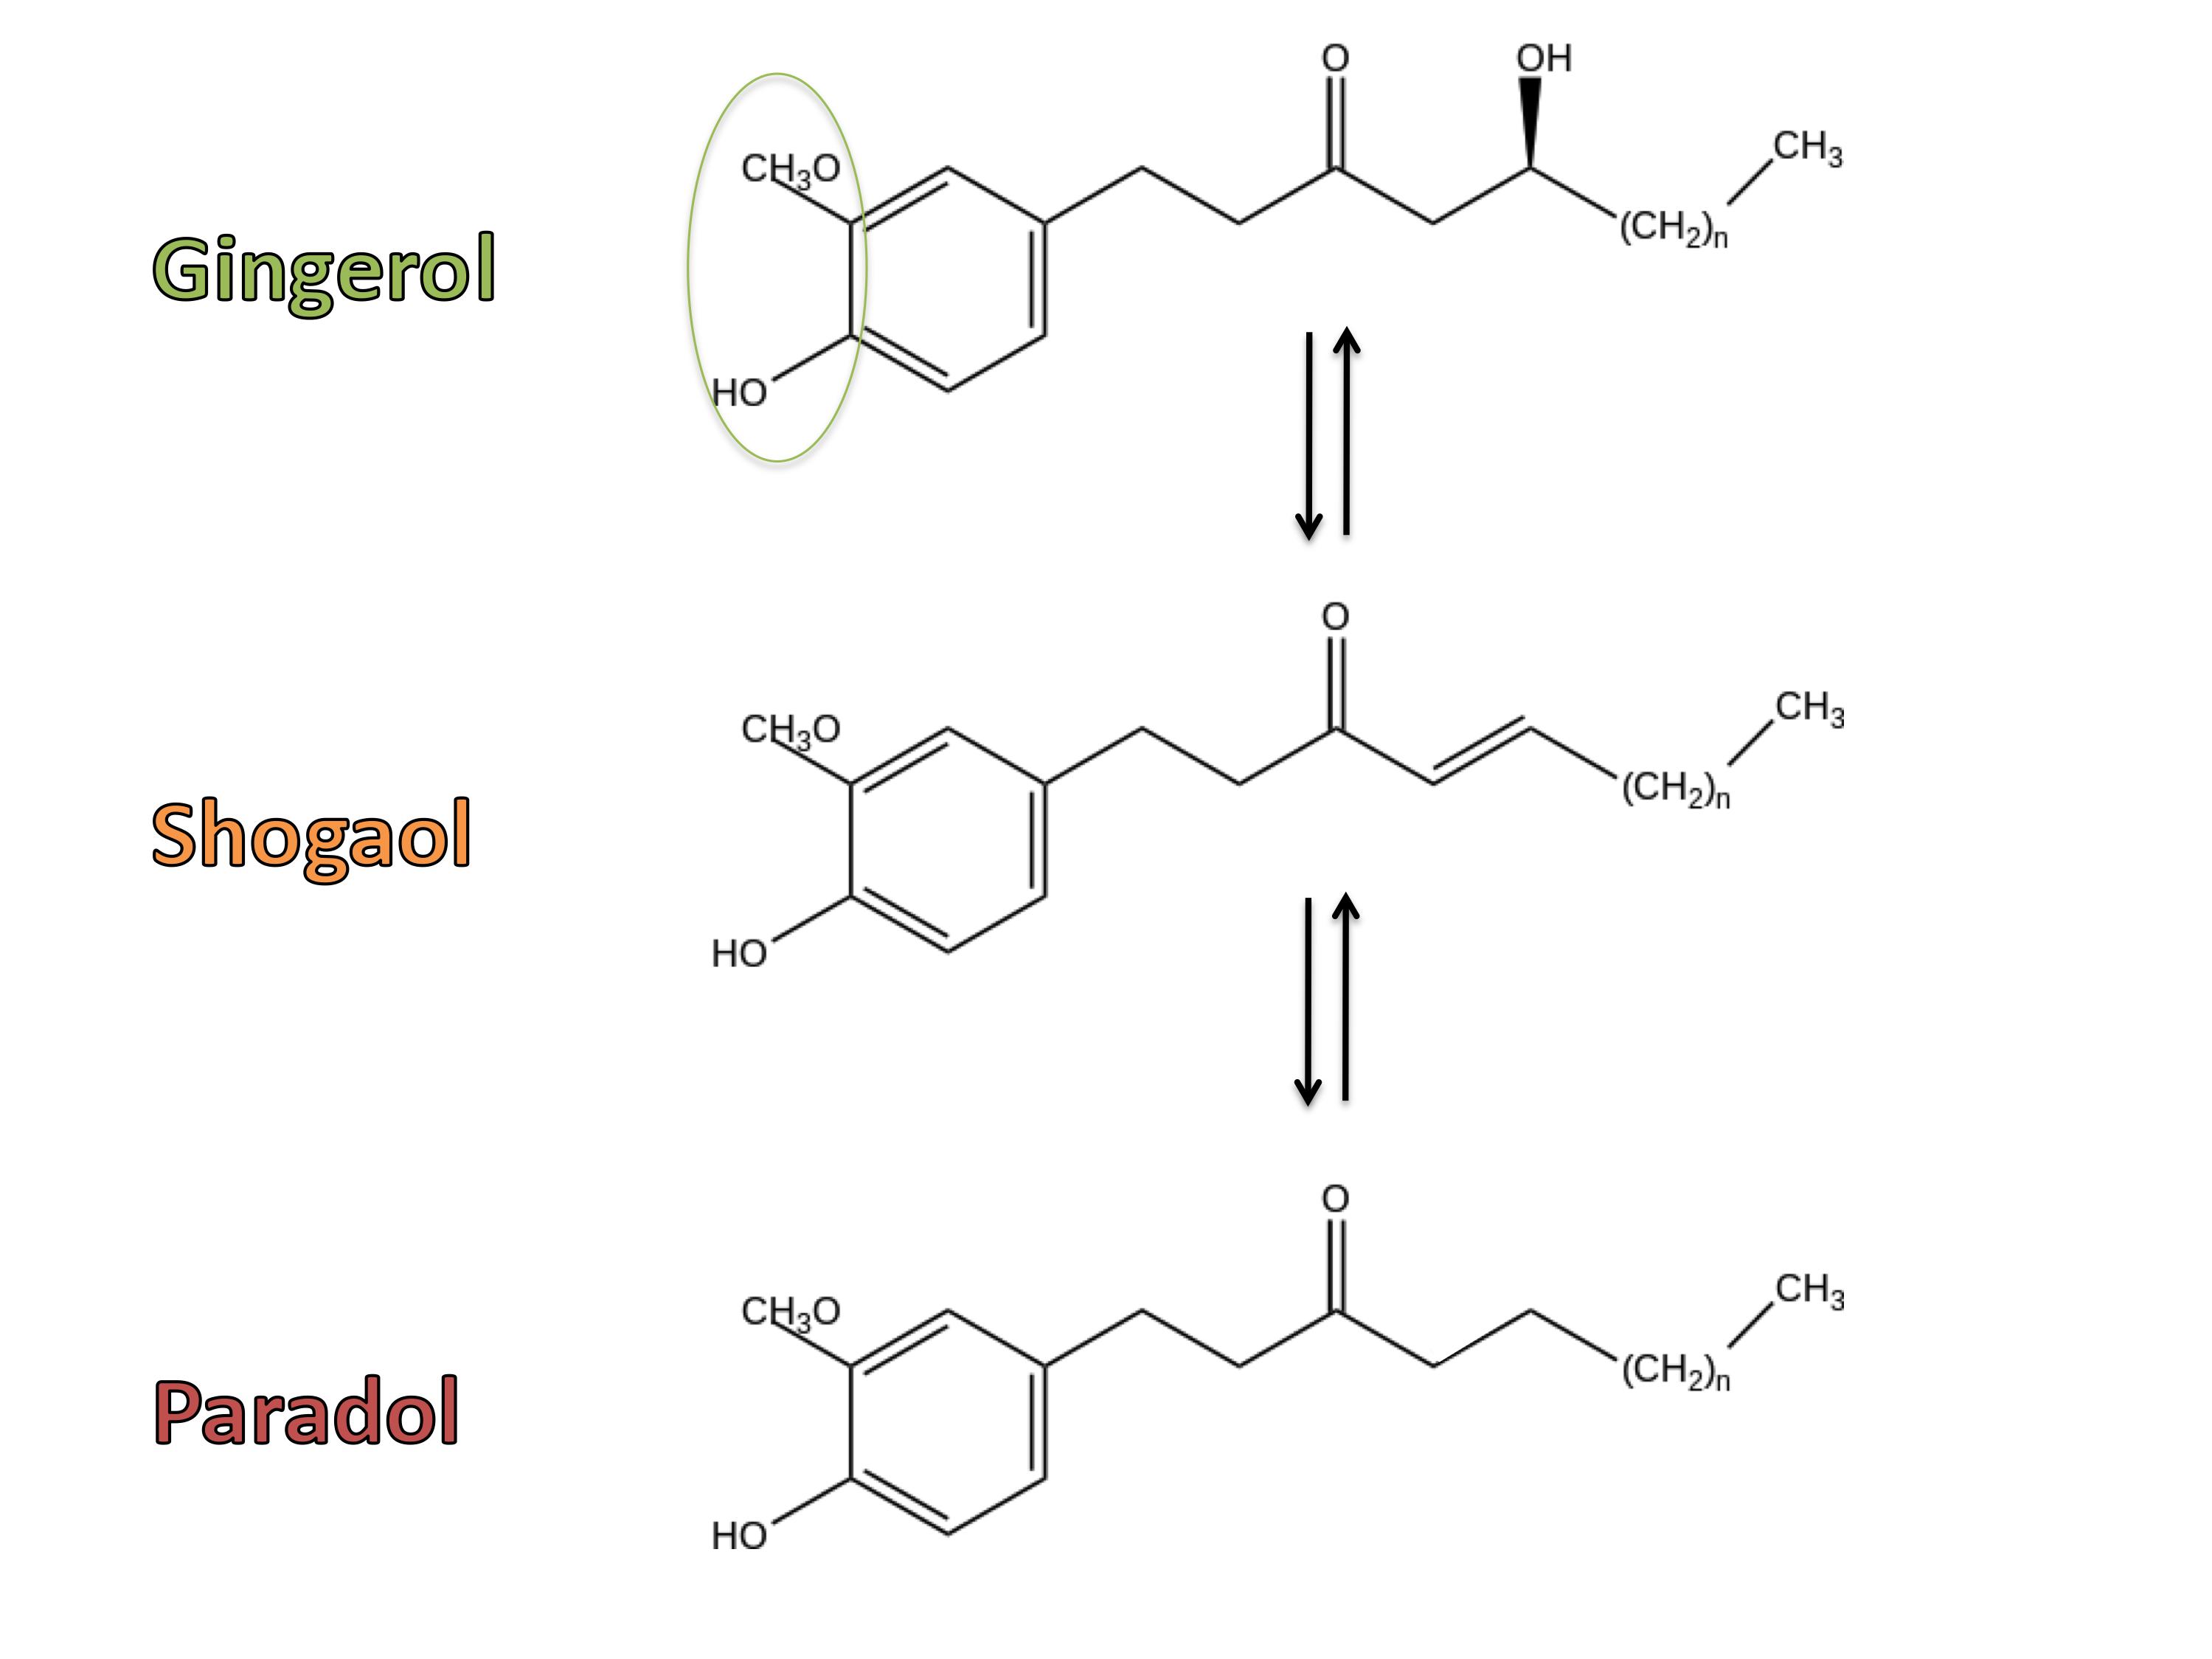 Gingerol-Shogaol-Paradol